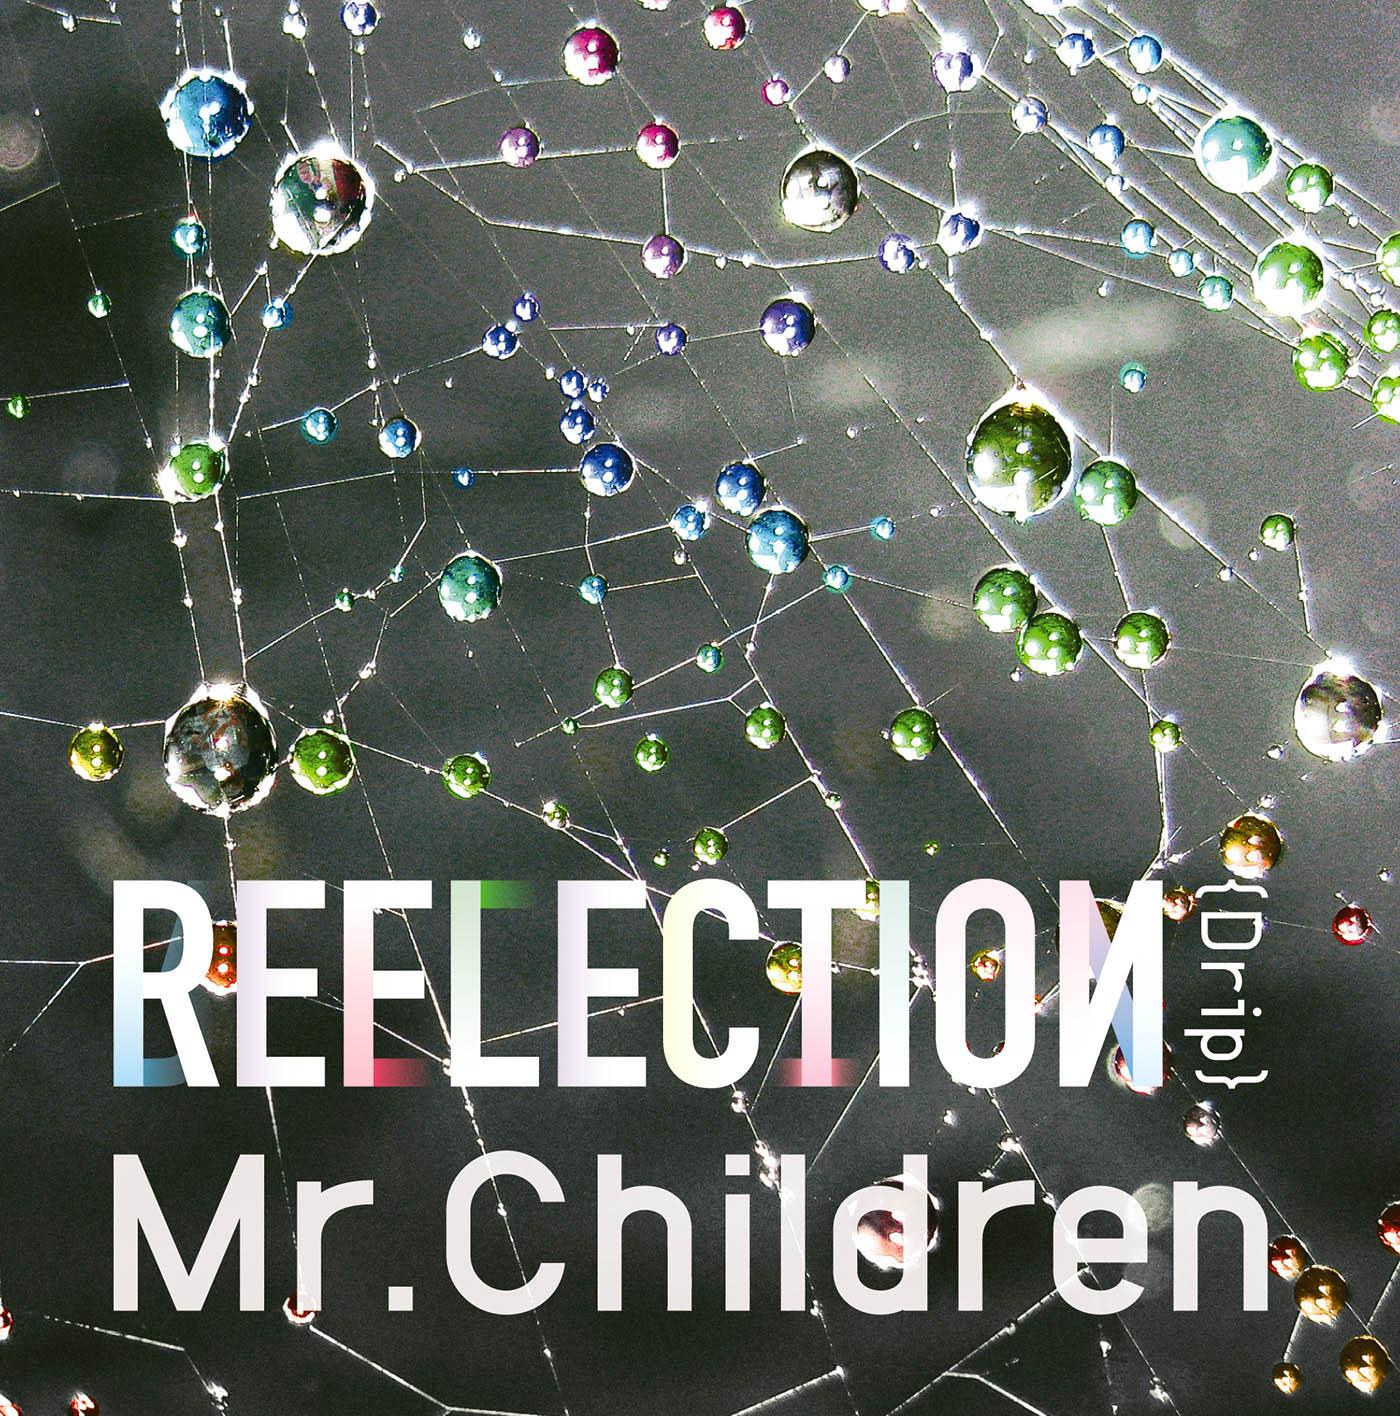 Mr.Children (ミスターチルドレン) 18thアルバム『REFLECTION { Drip}』(2015年6月4日発売) 高画質CDジャケット画像